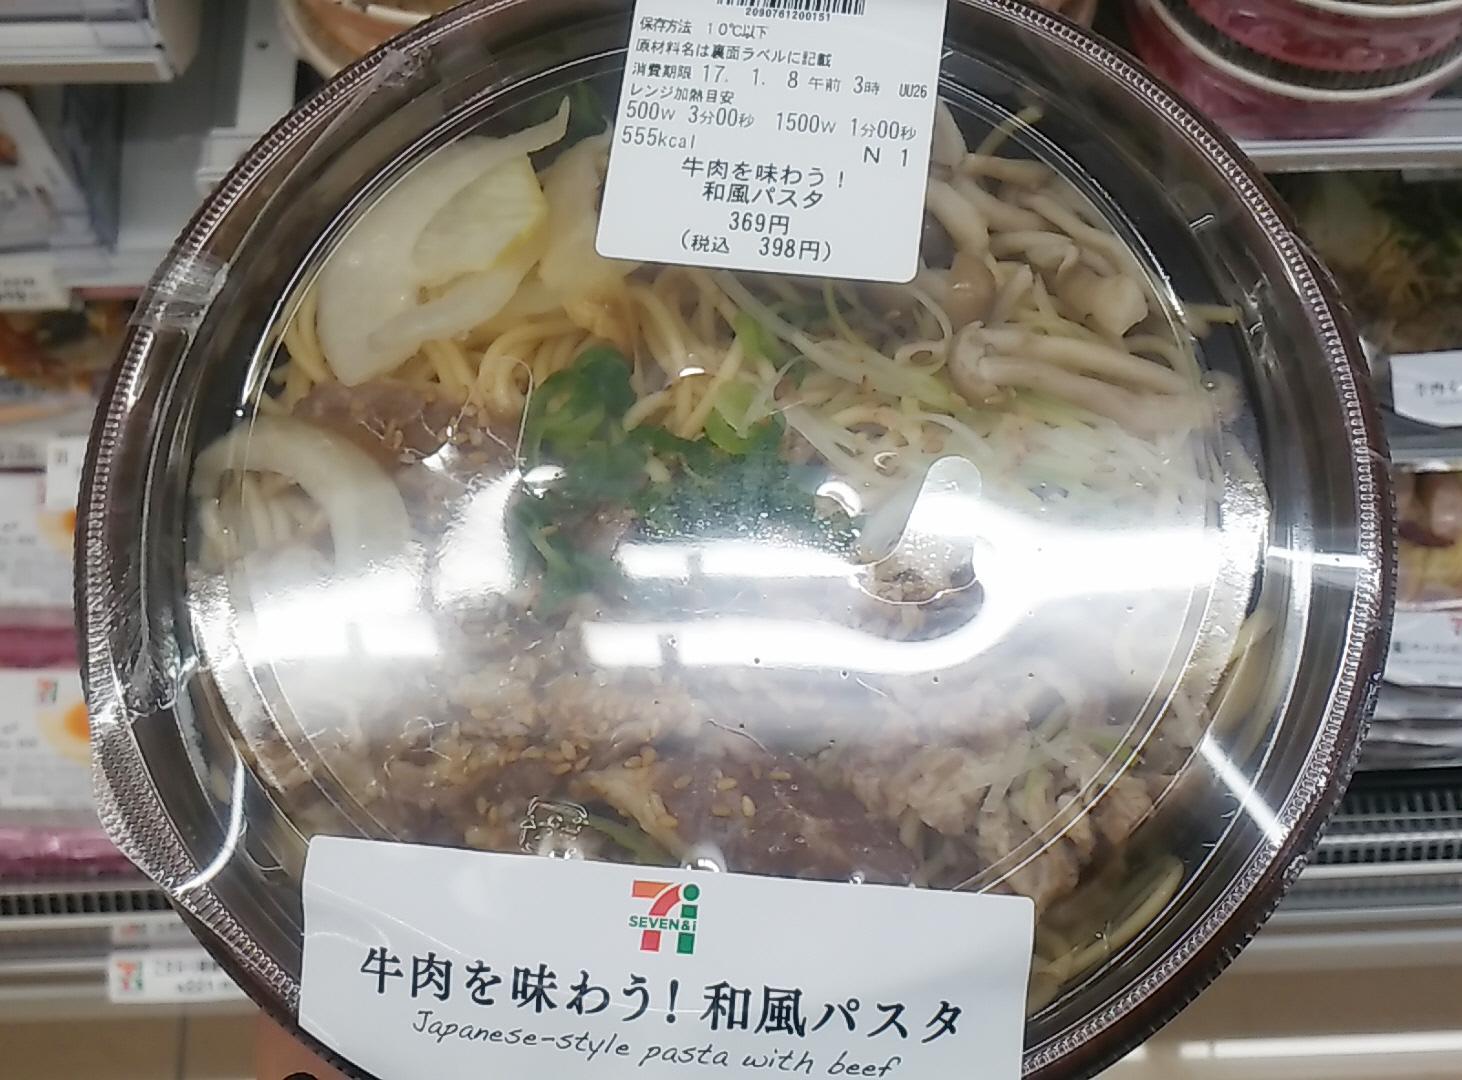 [세븐일레븐/일본] 와풍 파스타 (和風パスタ)